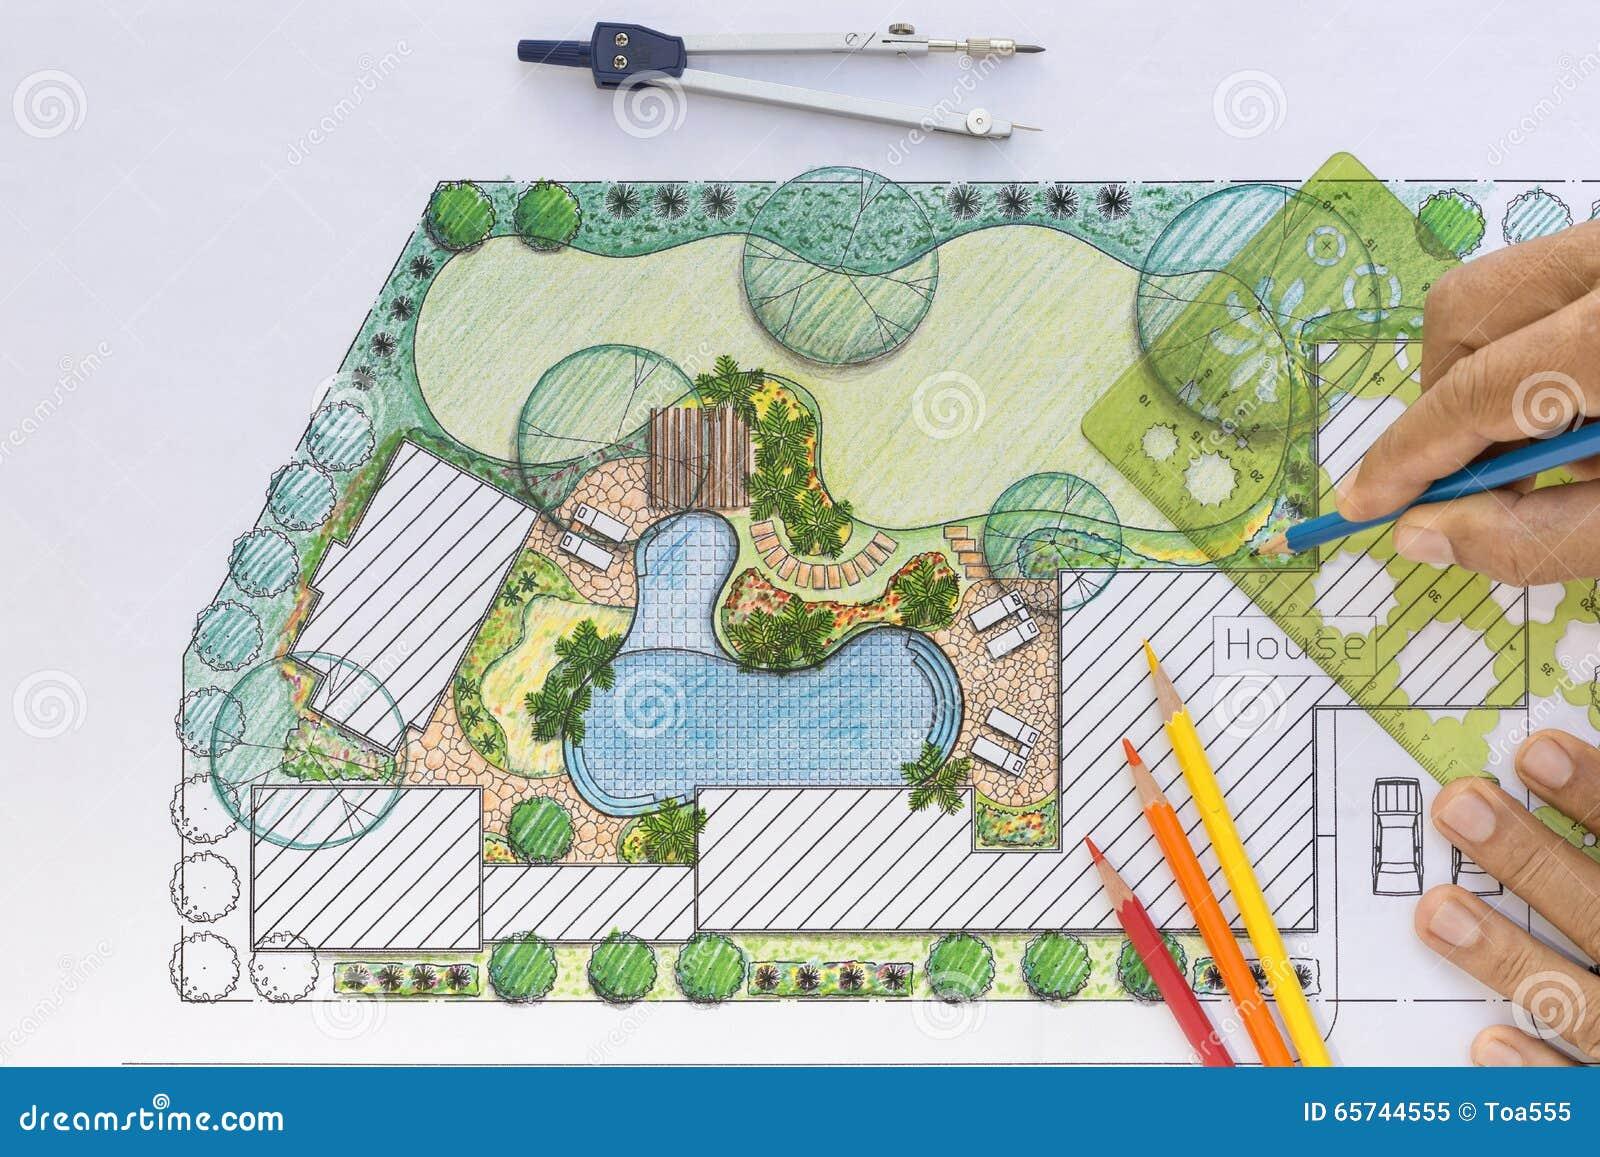 plan d 39 arri re cour de conception d 39 architecte paysagiste image stock image 65744555. Black Bedroom Furniture Sets. Home Design Ideas